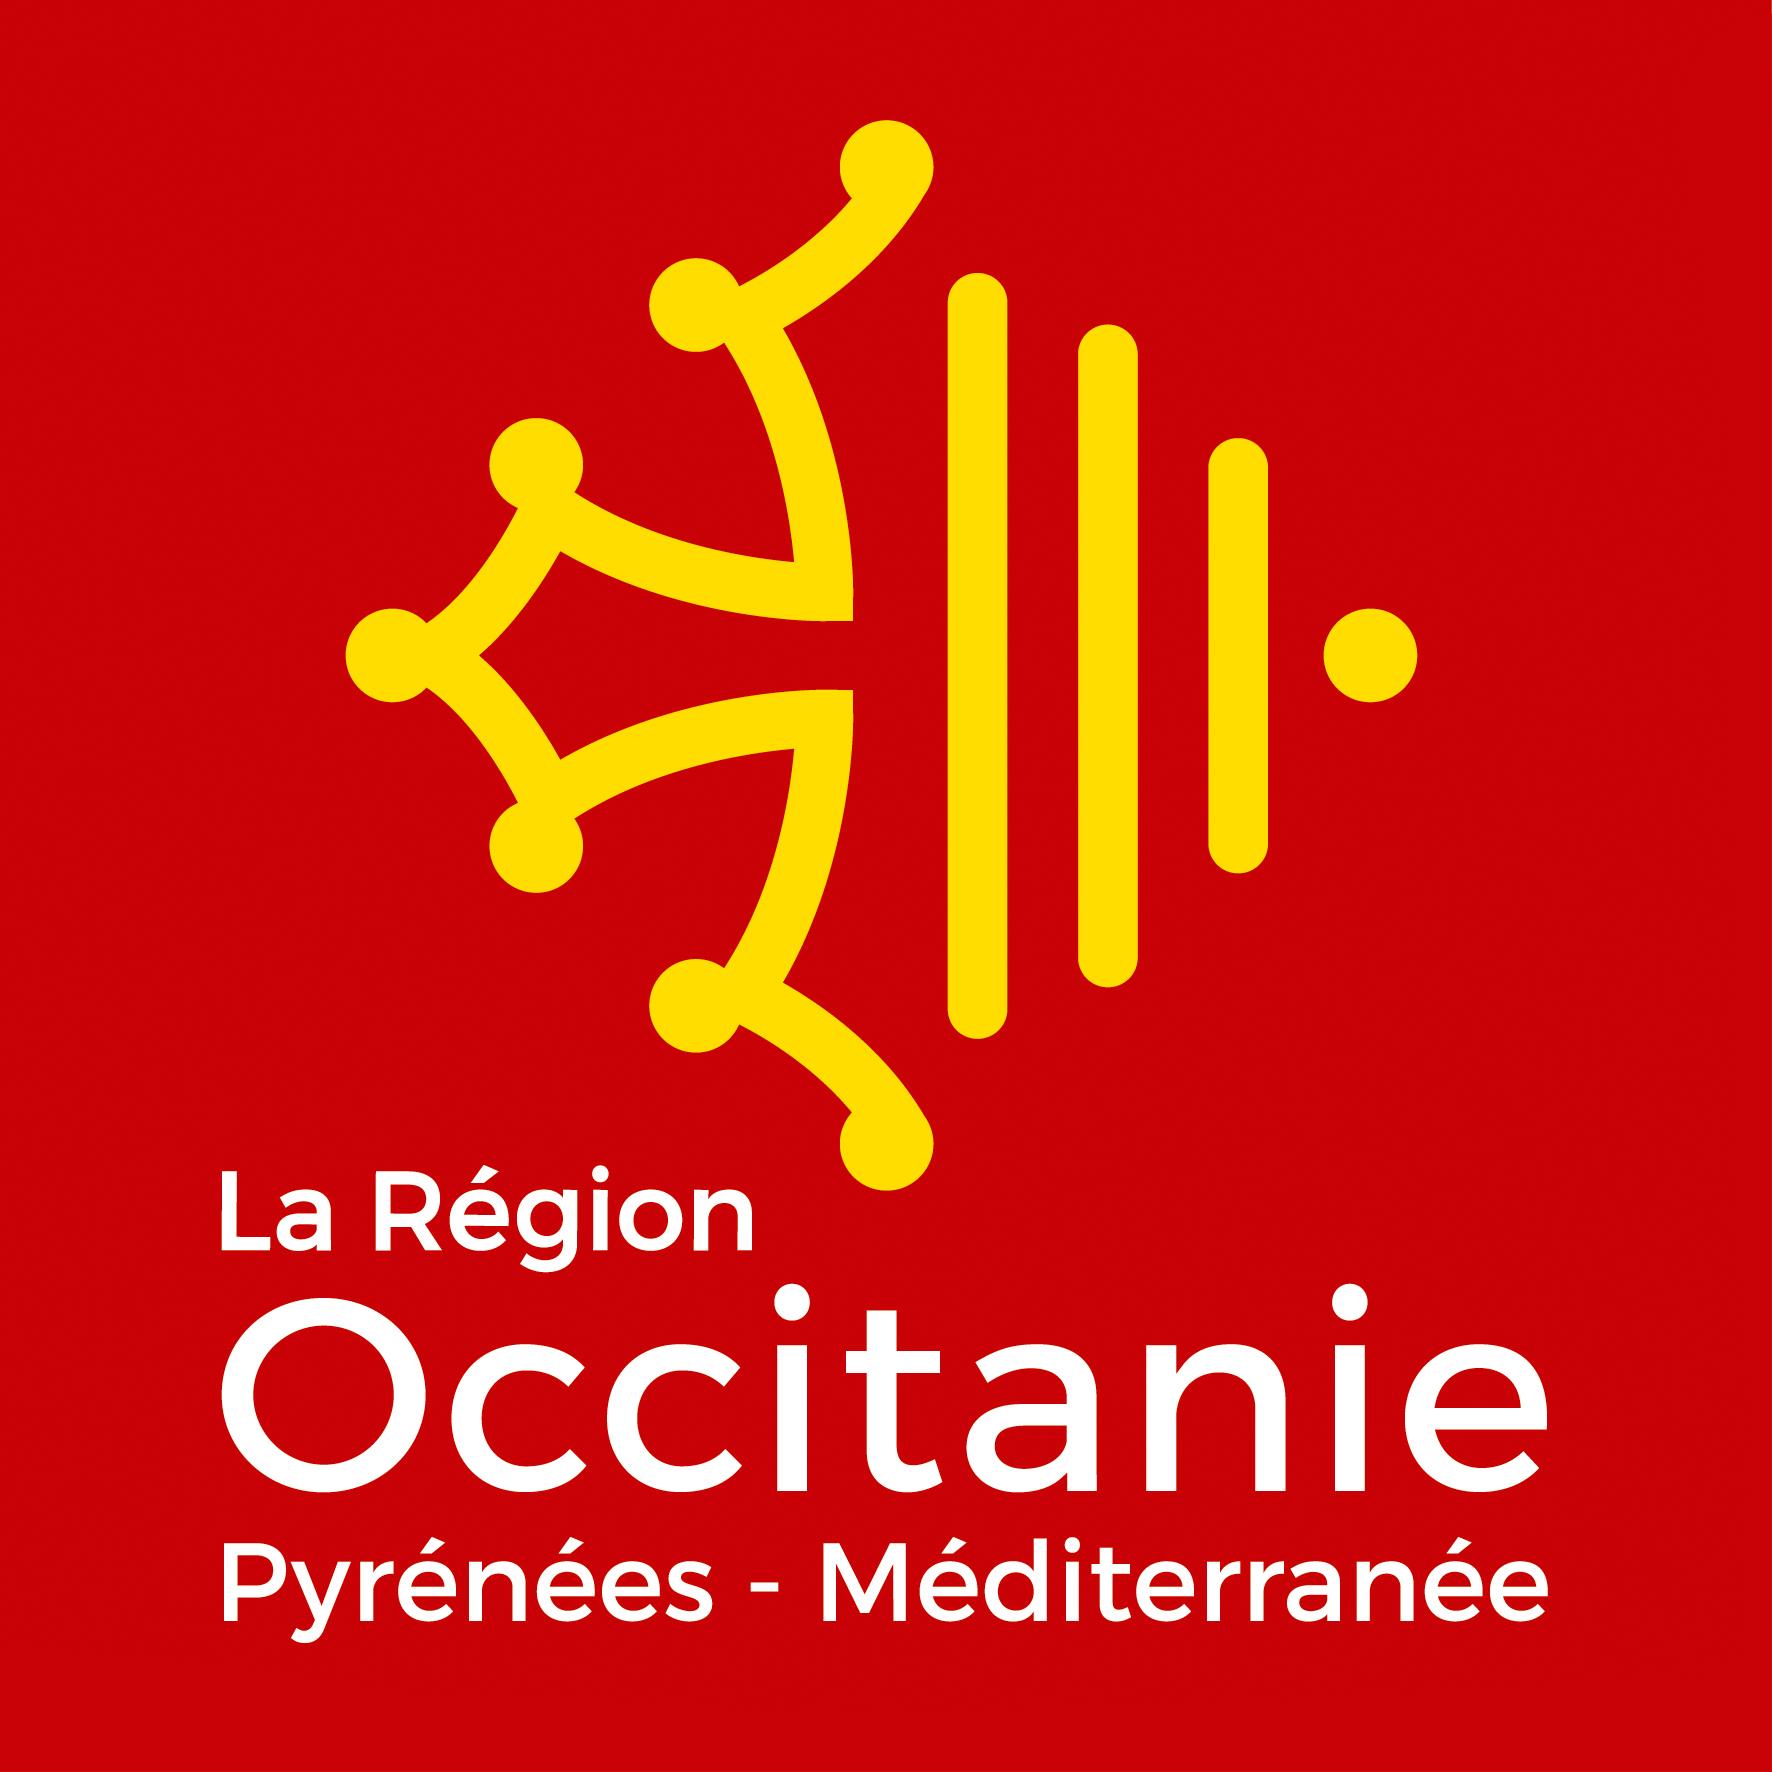 oc-1702-instit-logo carre-rvb-150x150-300dpi.jpg